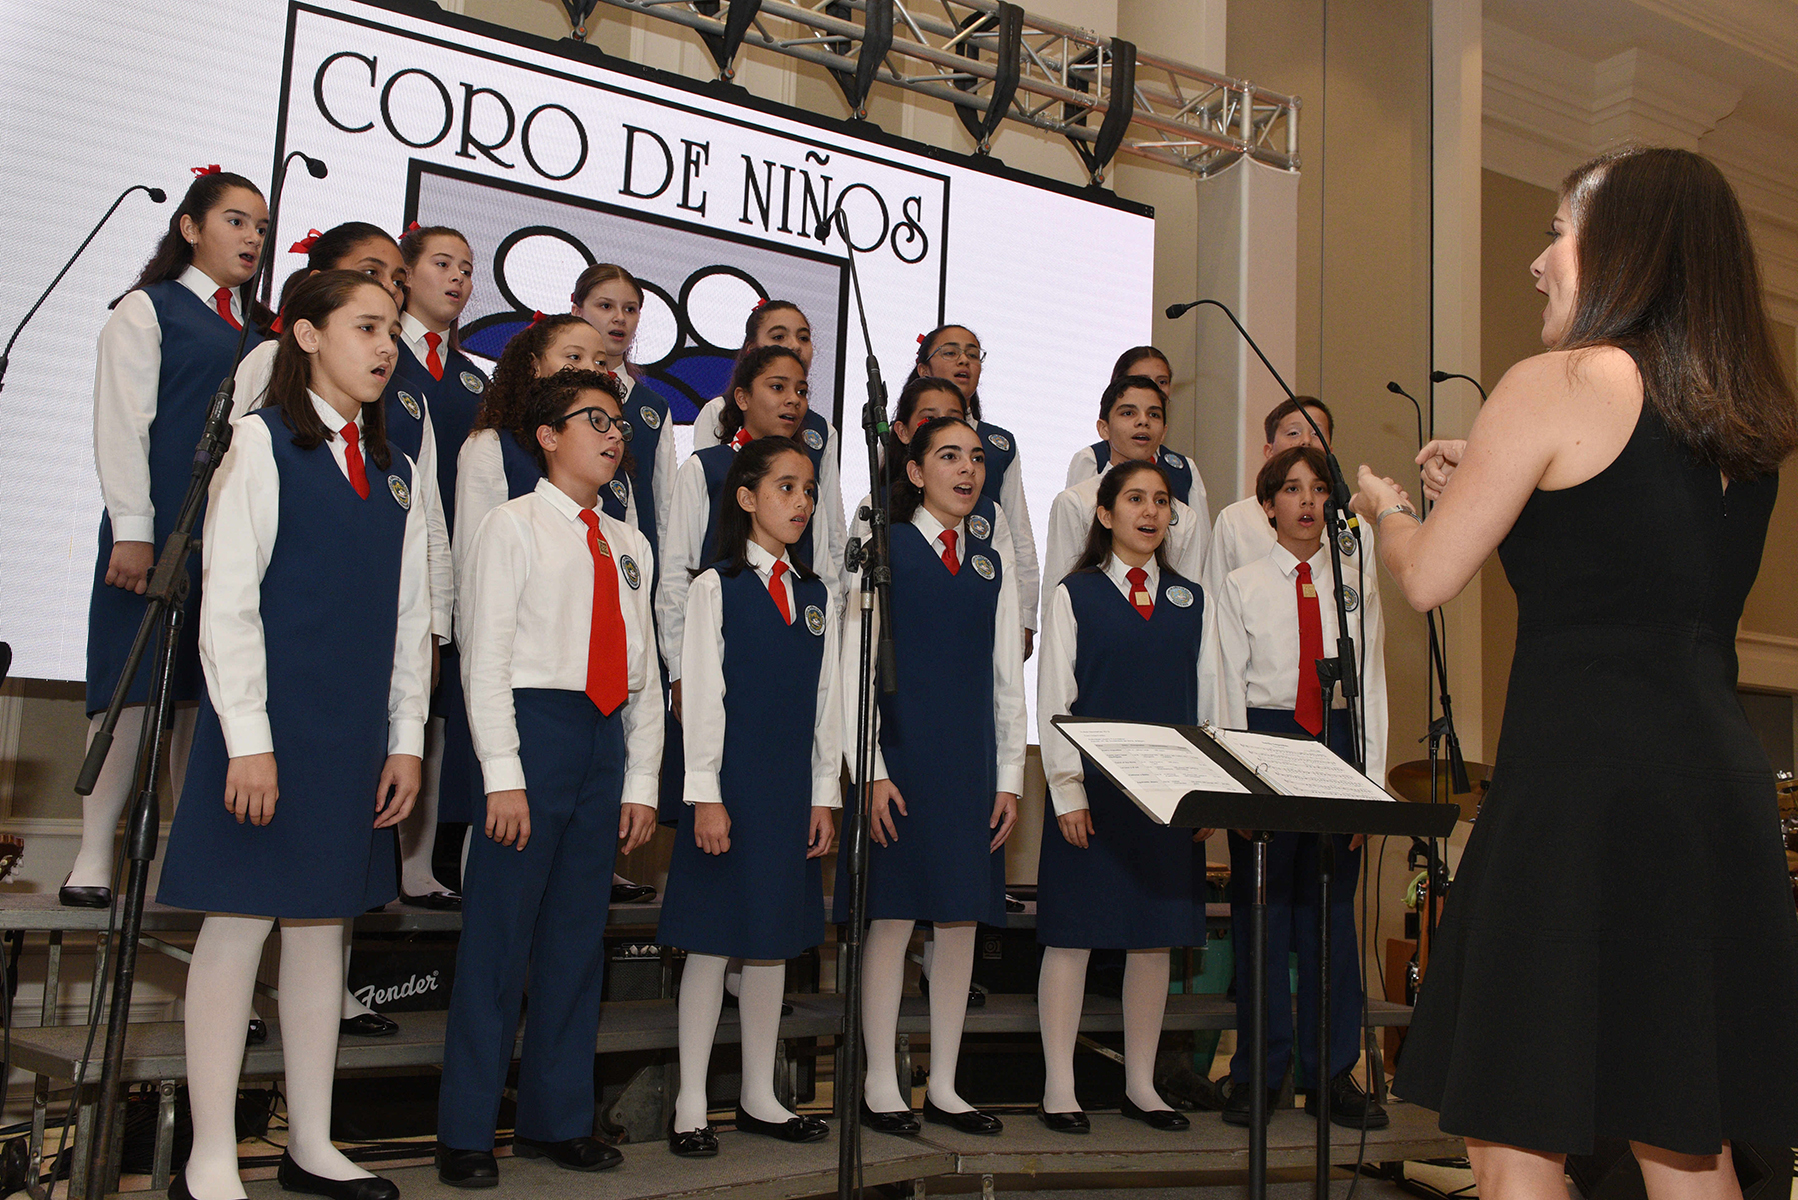 El Coro de Niños de San Juan deleitó a los presentes con su repertorio. (Fotos: Ingrid Torres)